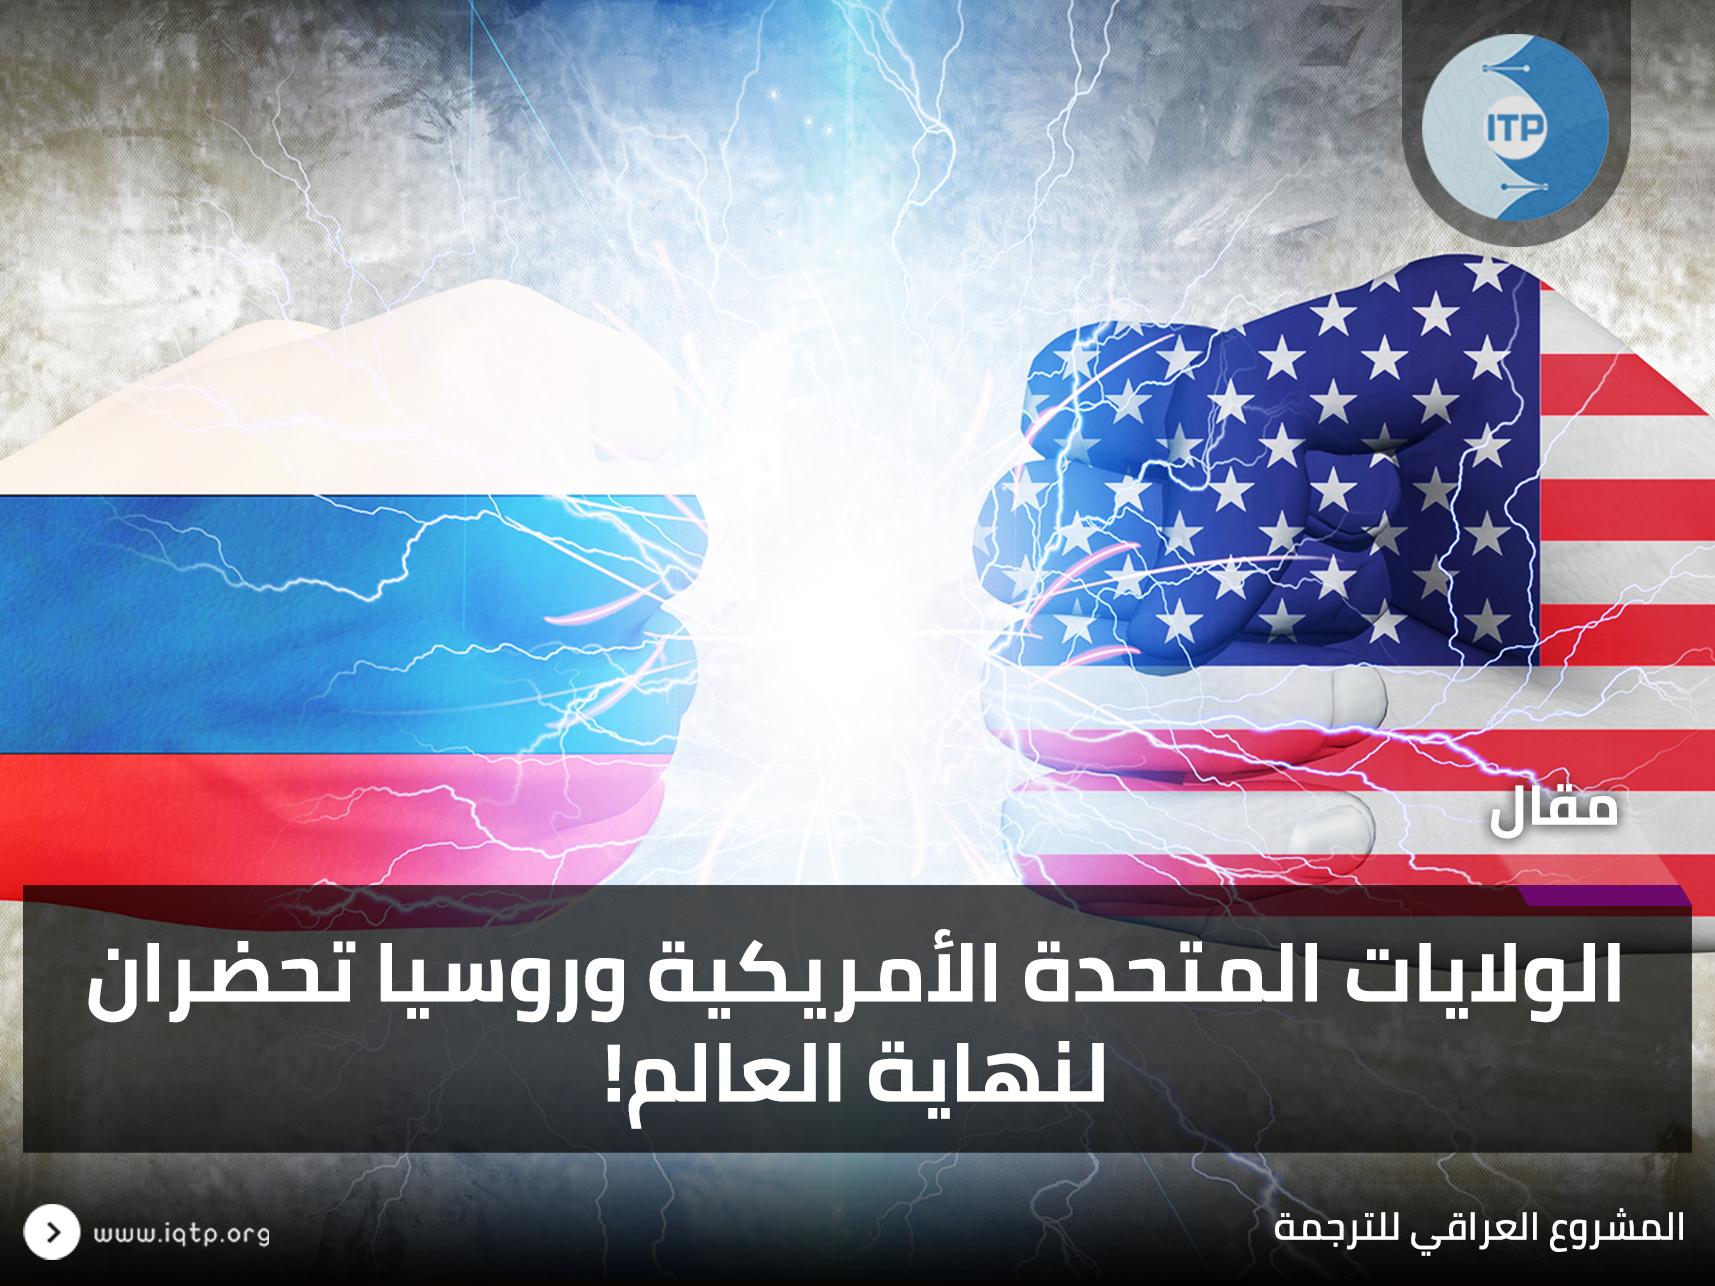 الولايات المتحدة الأمريكية وروسيا تحضران لنهاية العالم!